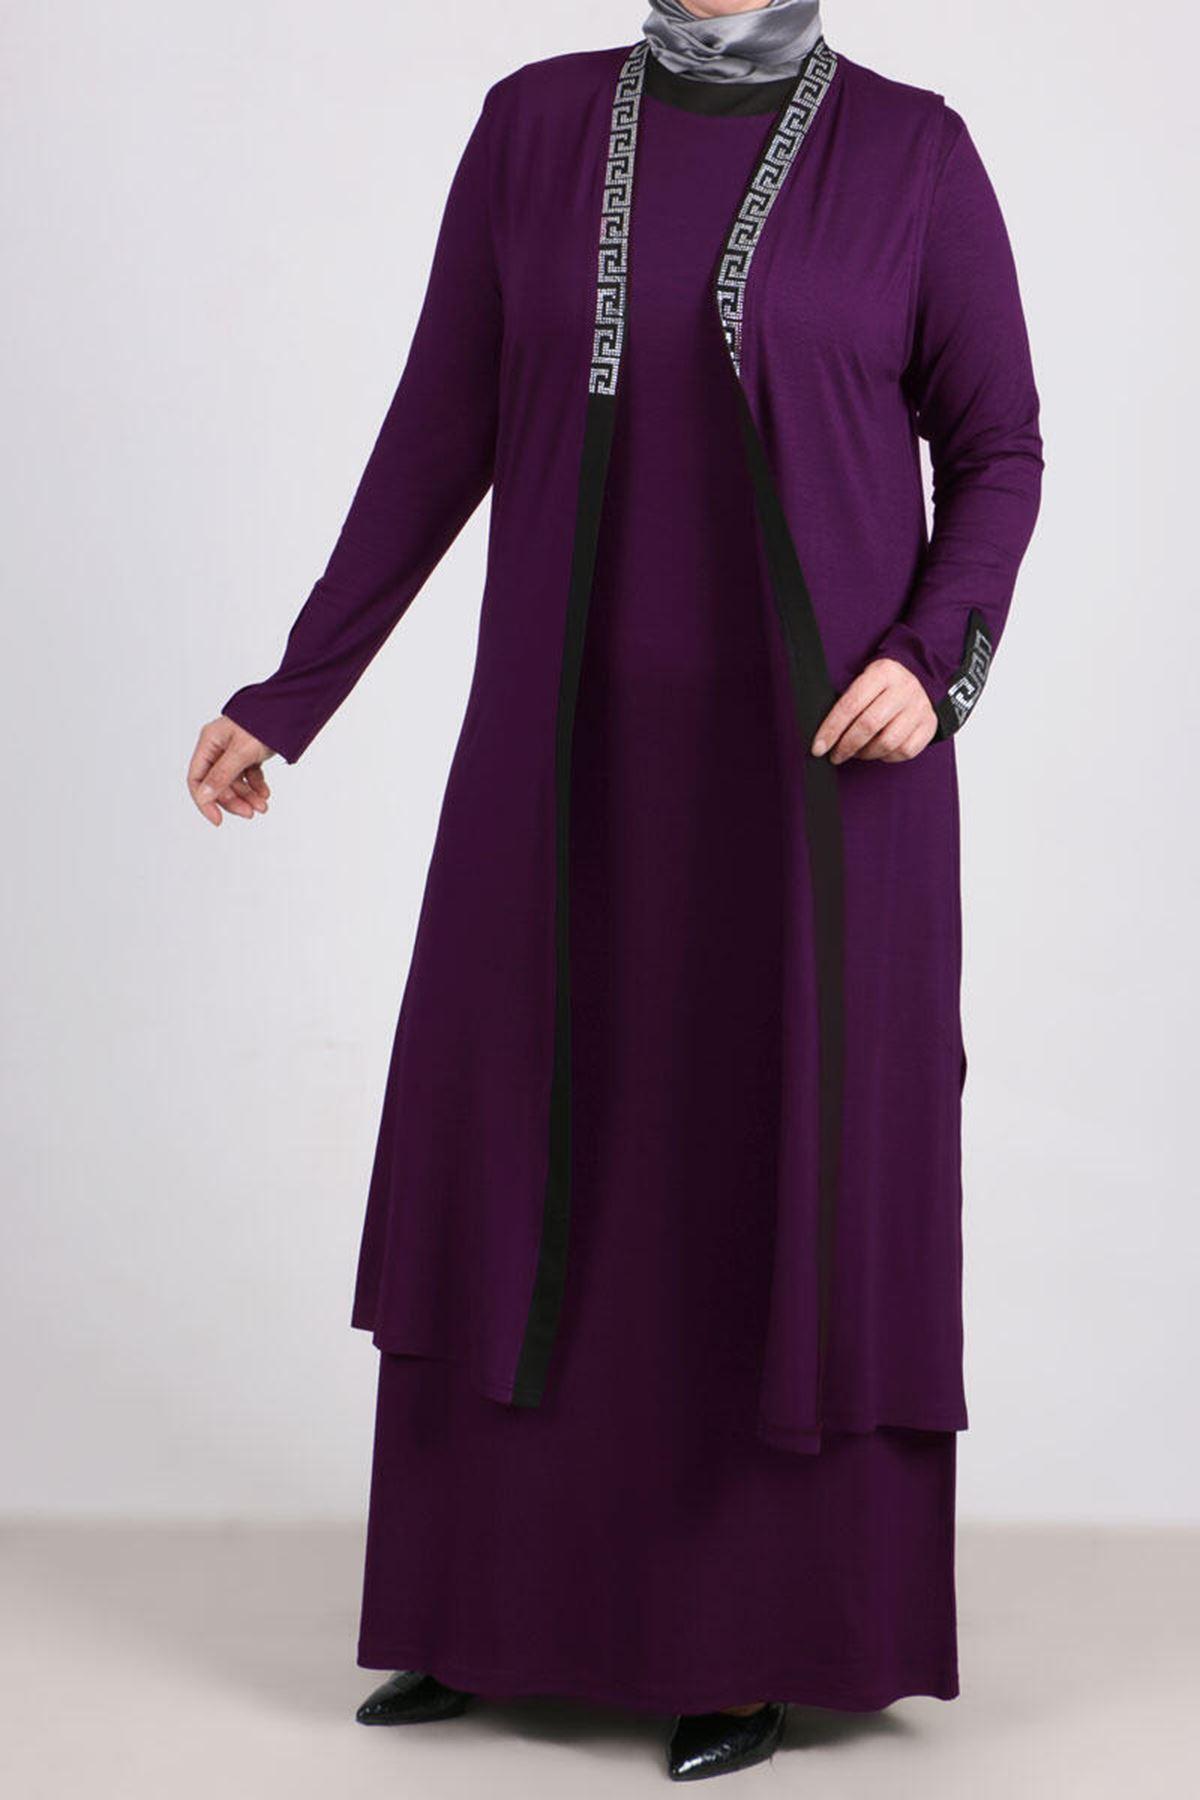 7211 طقم فستان و سترة بدون أكمام  مقاس كبير - ارجواني